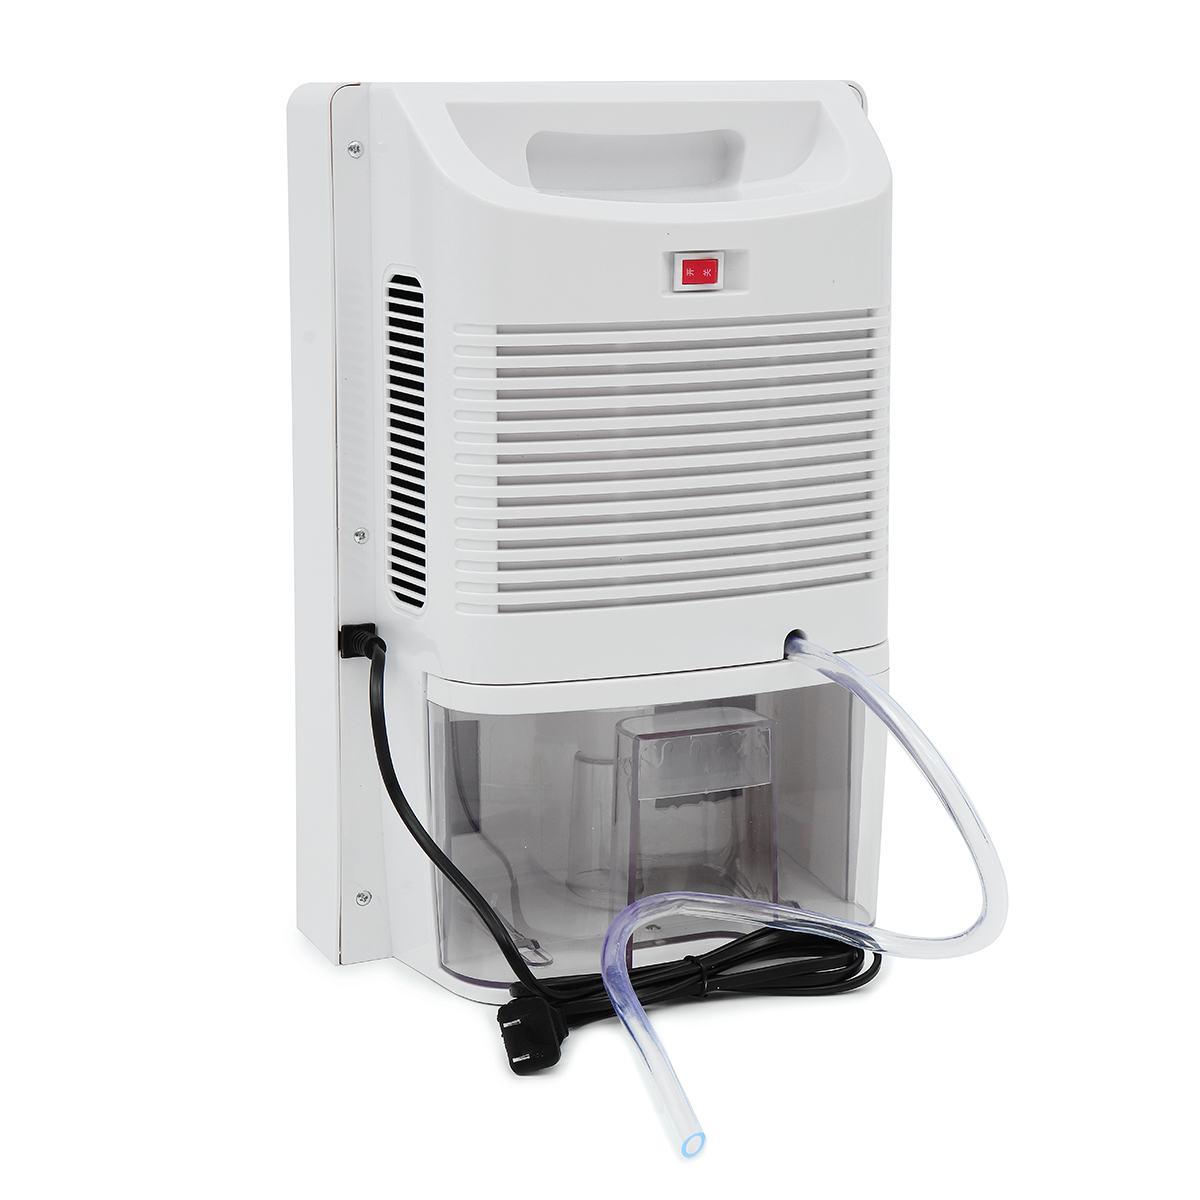 Cactus Humedades Empresa control de humedades Secador deshumidificador de aire eléctrico, inteligente, 2200ml y 220V.